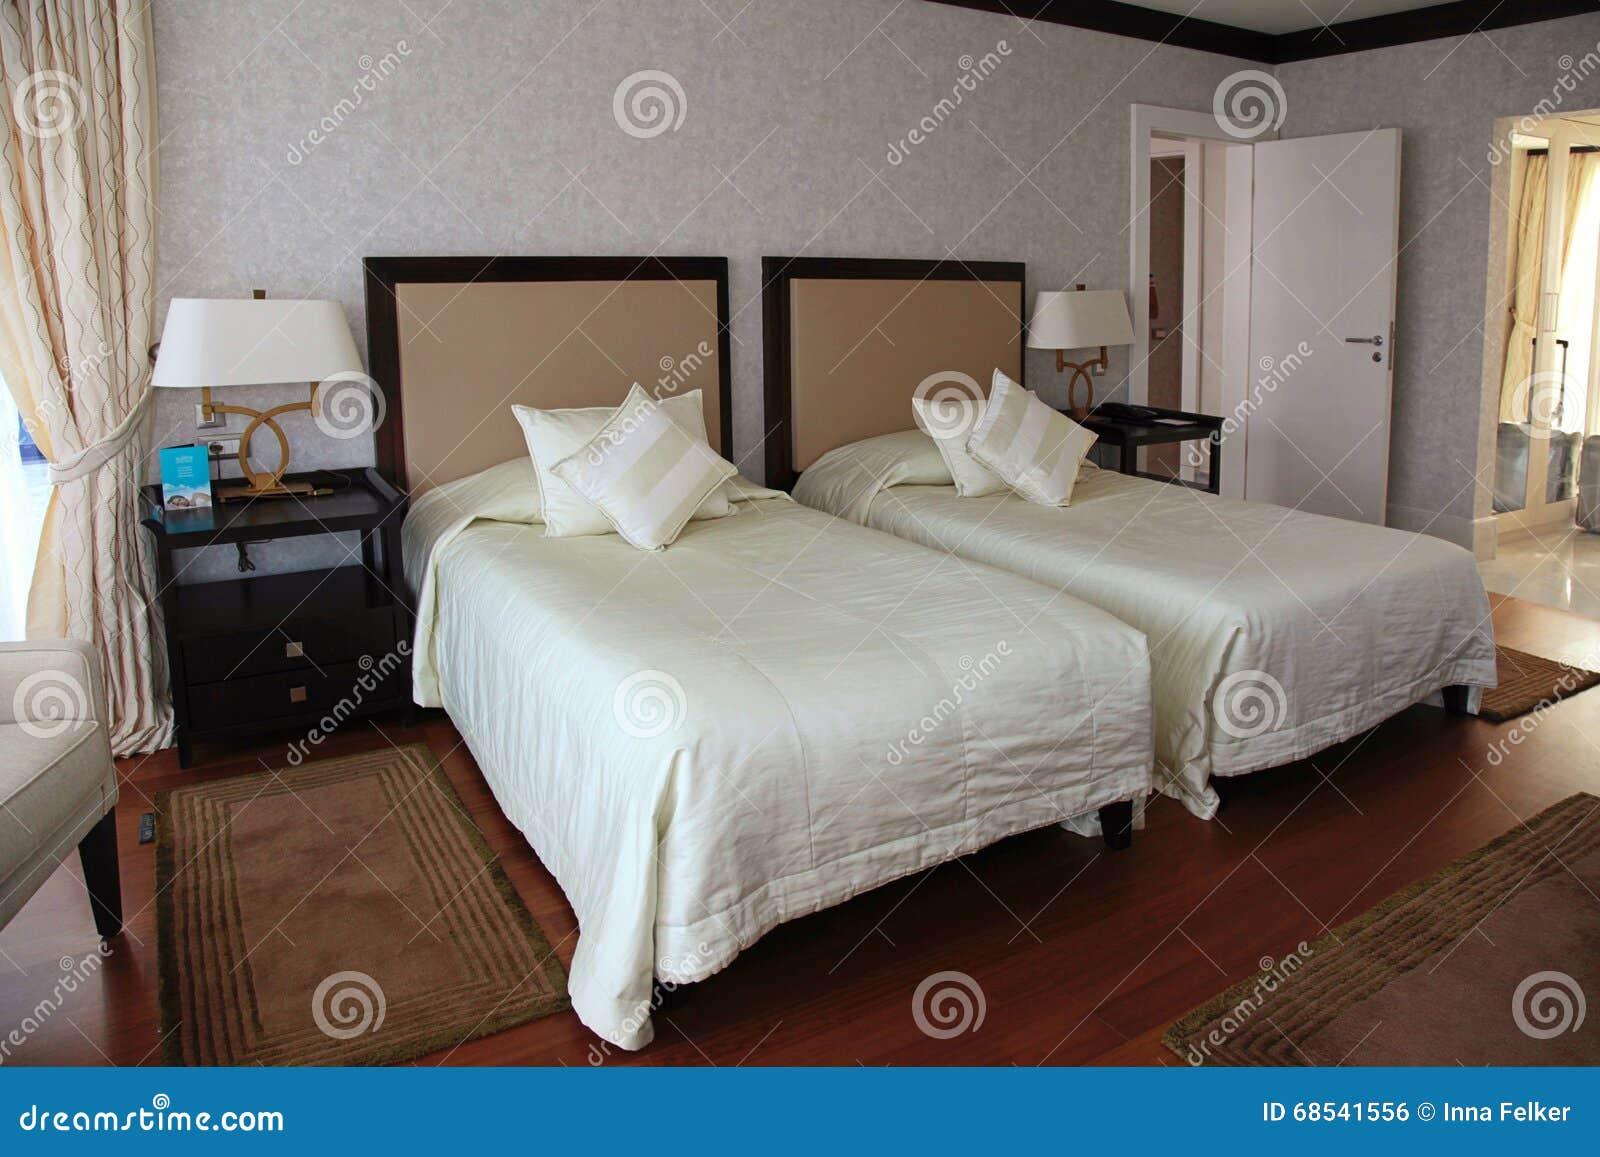 quelle couleur pour ma chambre coucher elegant decoration cuisine rouge et blanc quelle couleur. Black Bedroom Furniture Sets. Home Design Ideas